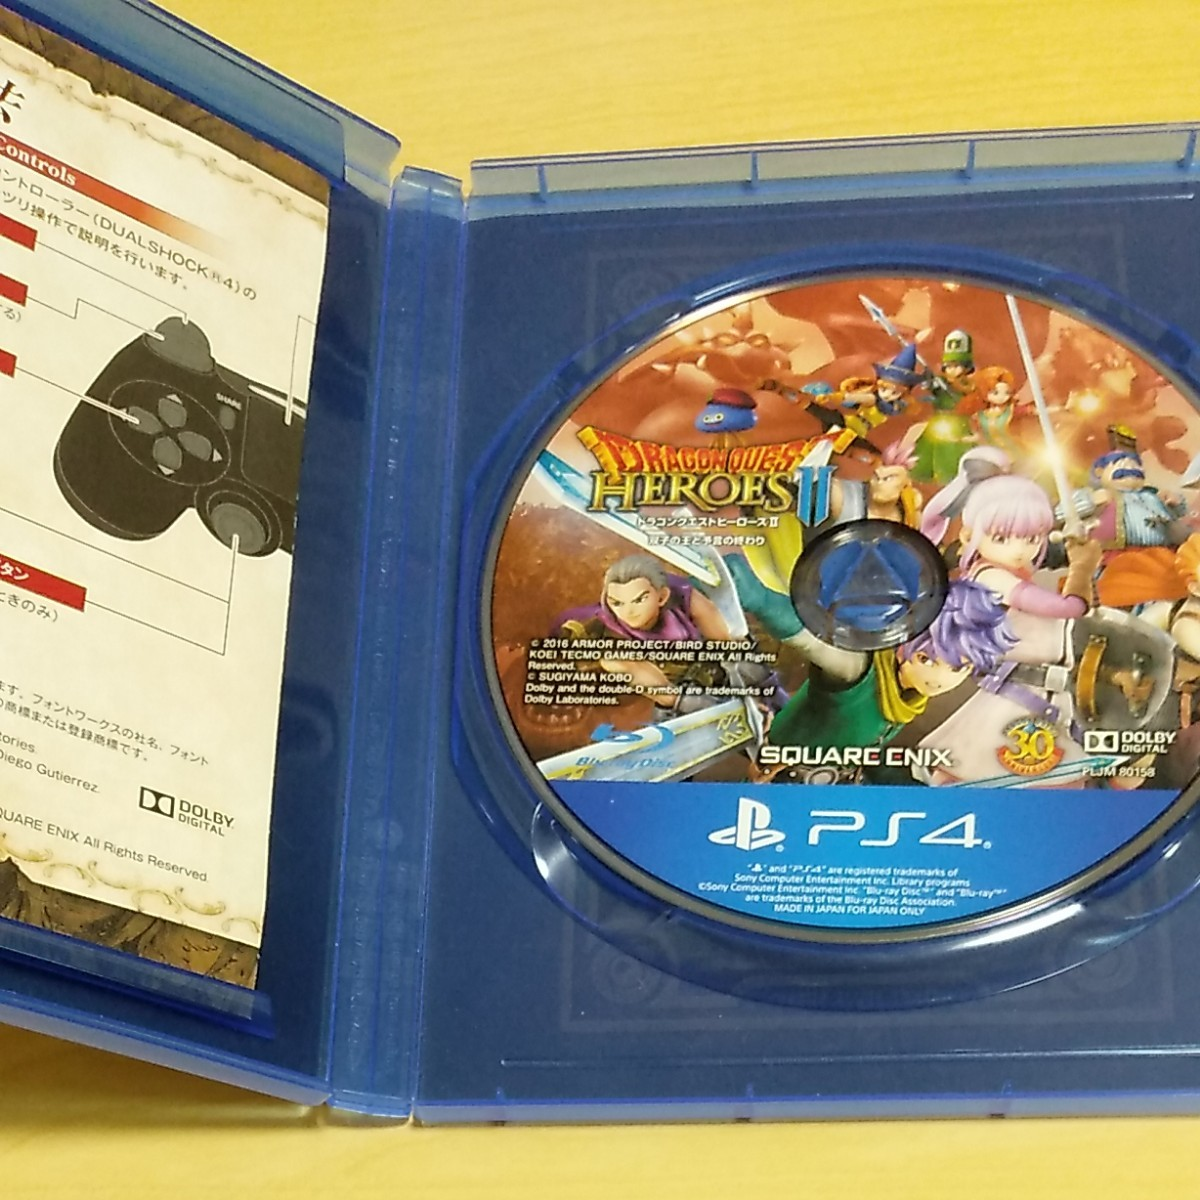 ドラゴンクエストヒーローズ2 PS4